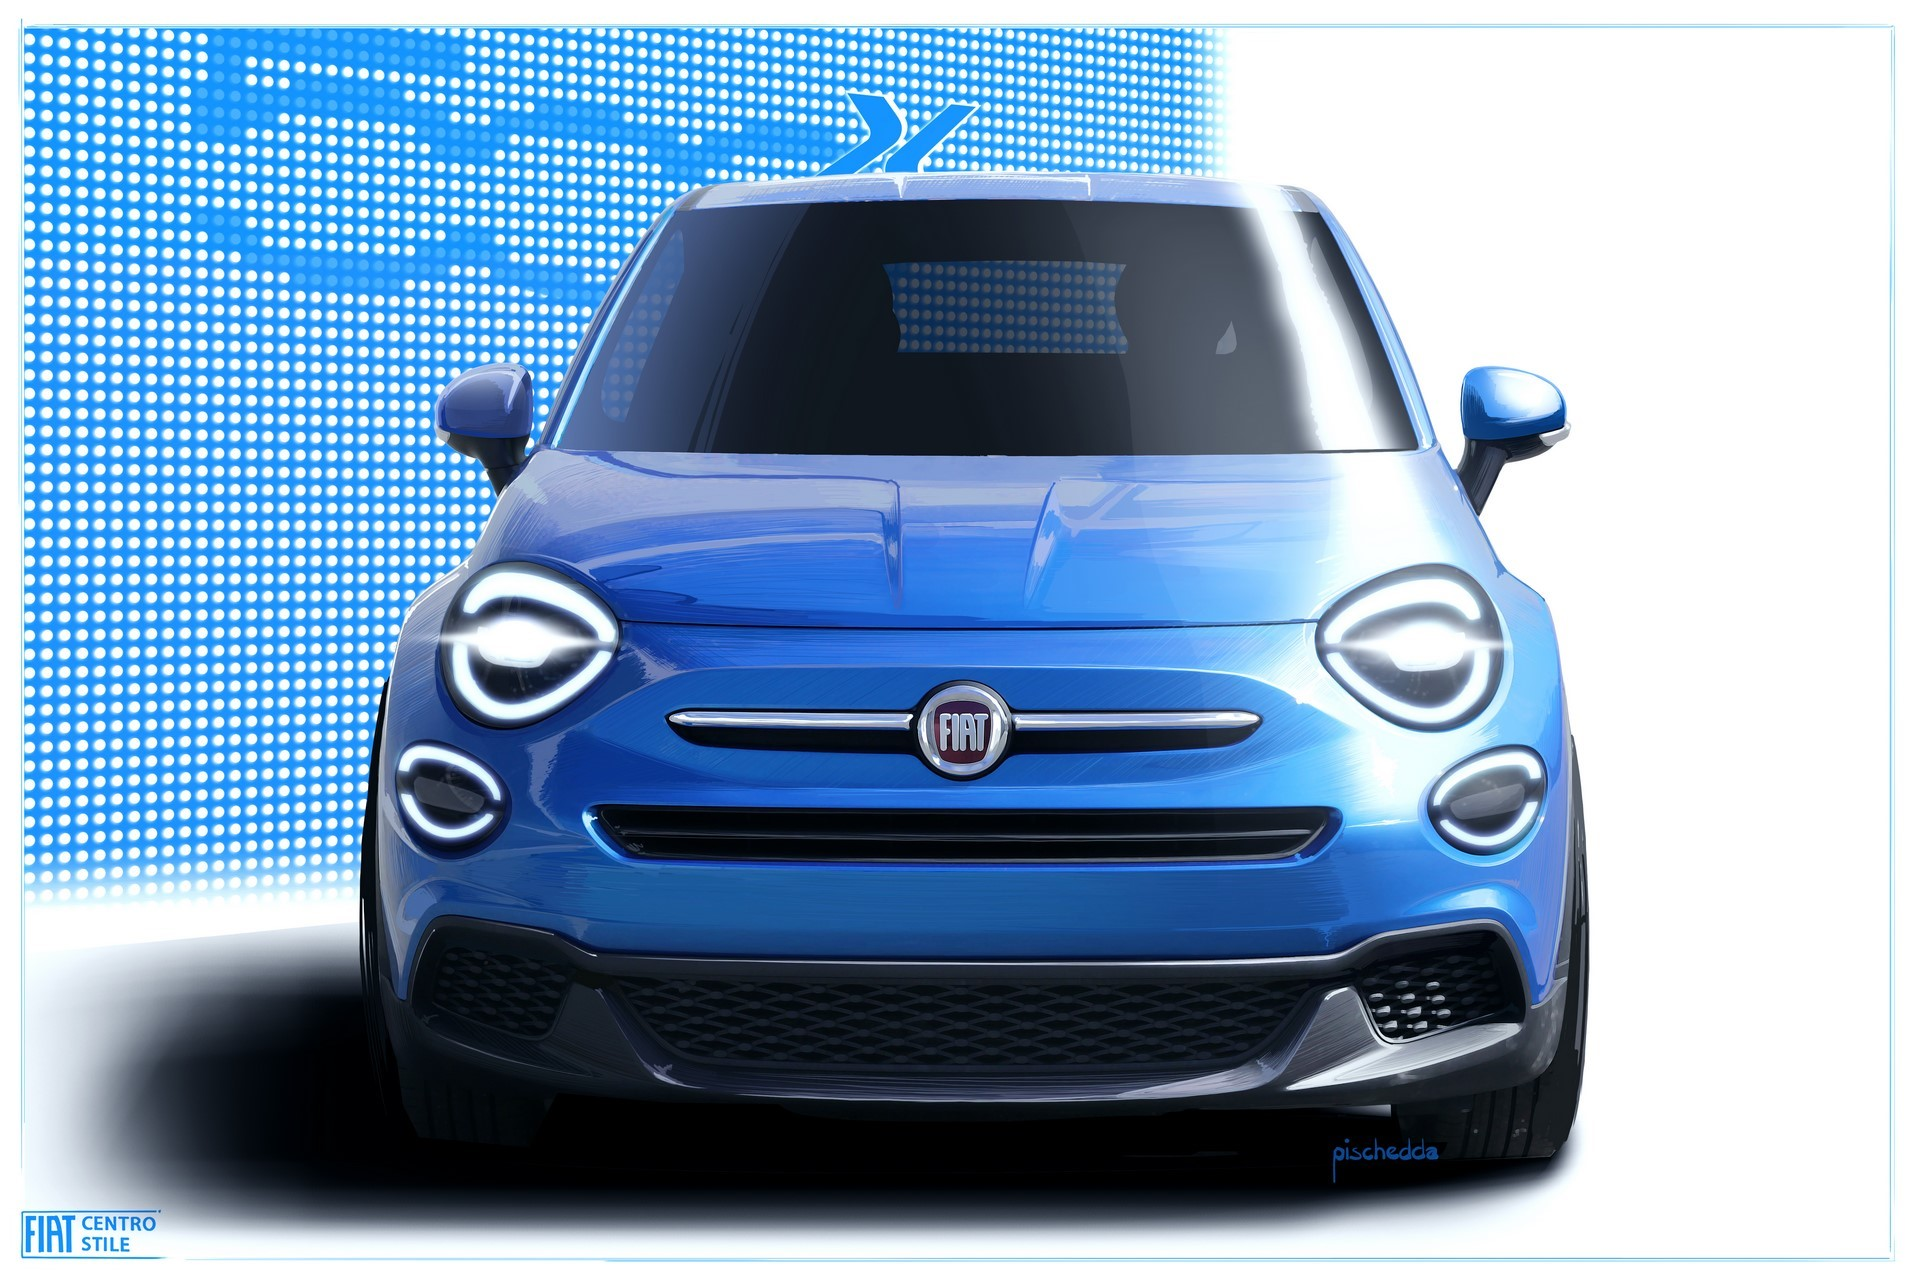 180828_Fiat_New-500X-sketch_11